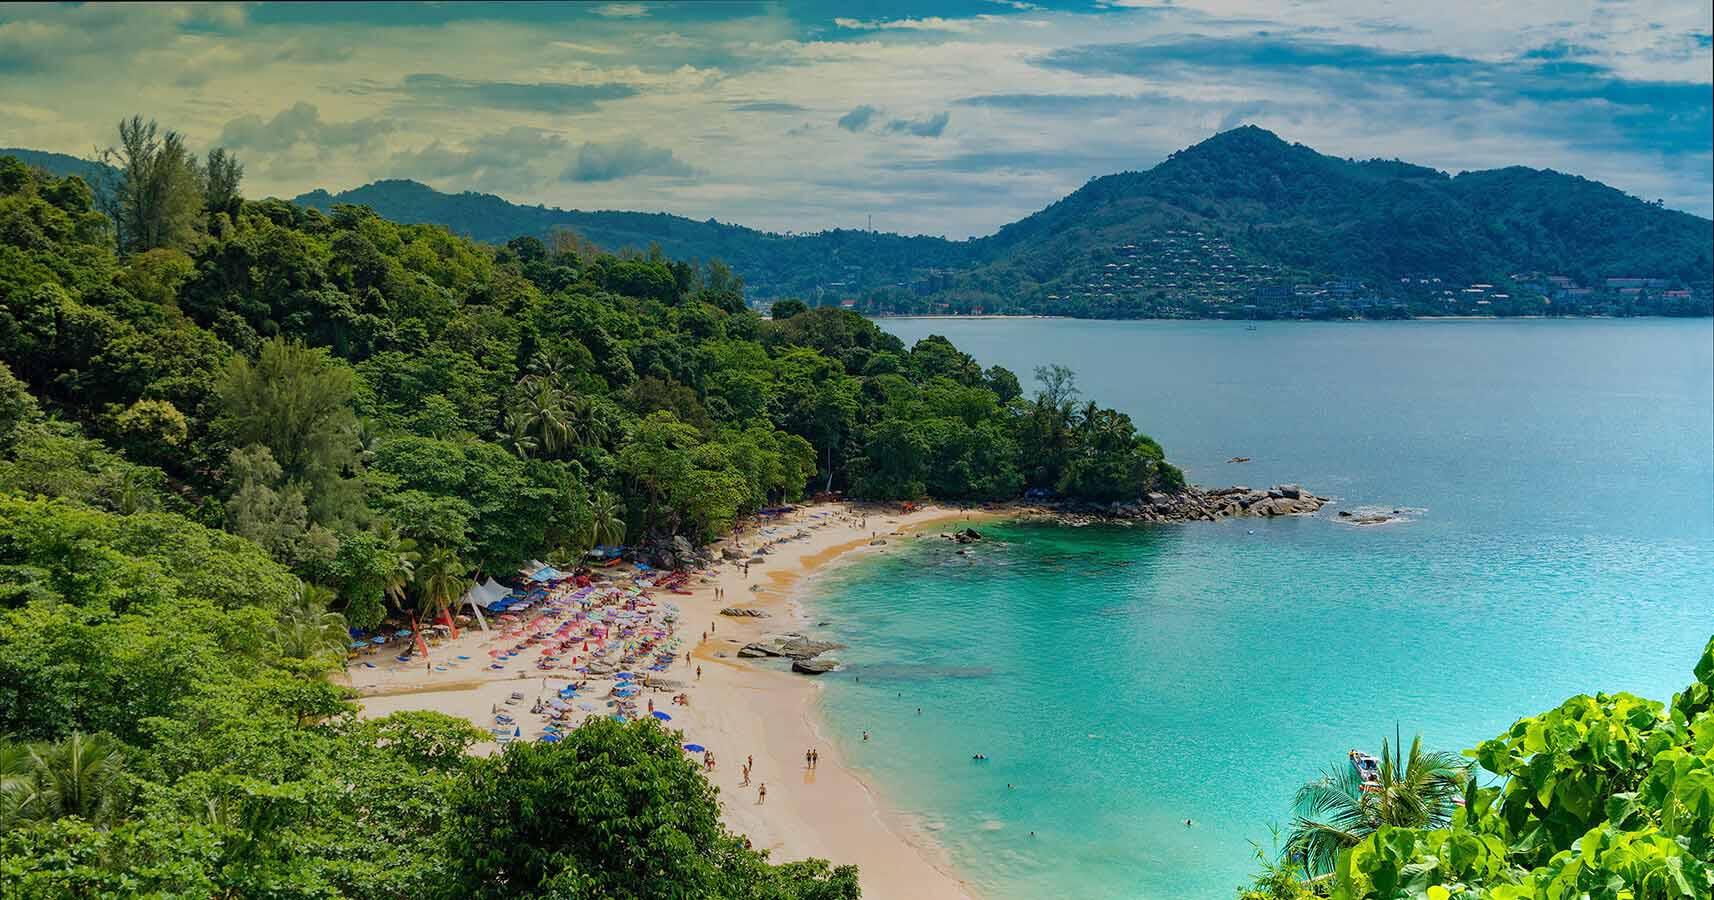 ۹ تا از جاهای دیدنی تایلند ؛ از ساحل رایلی تا بازارهای سیار